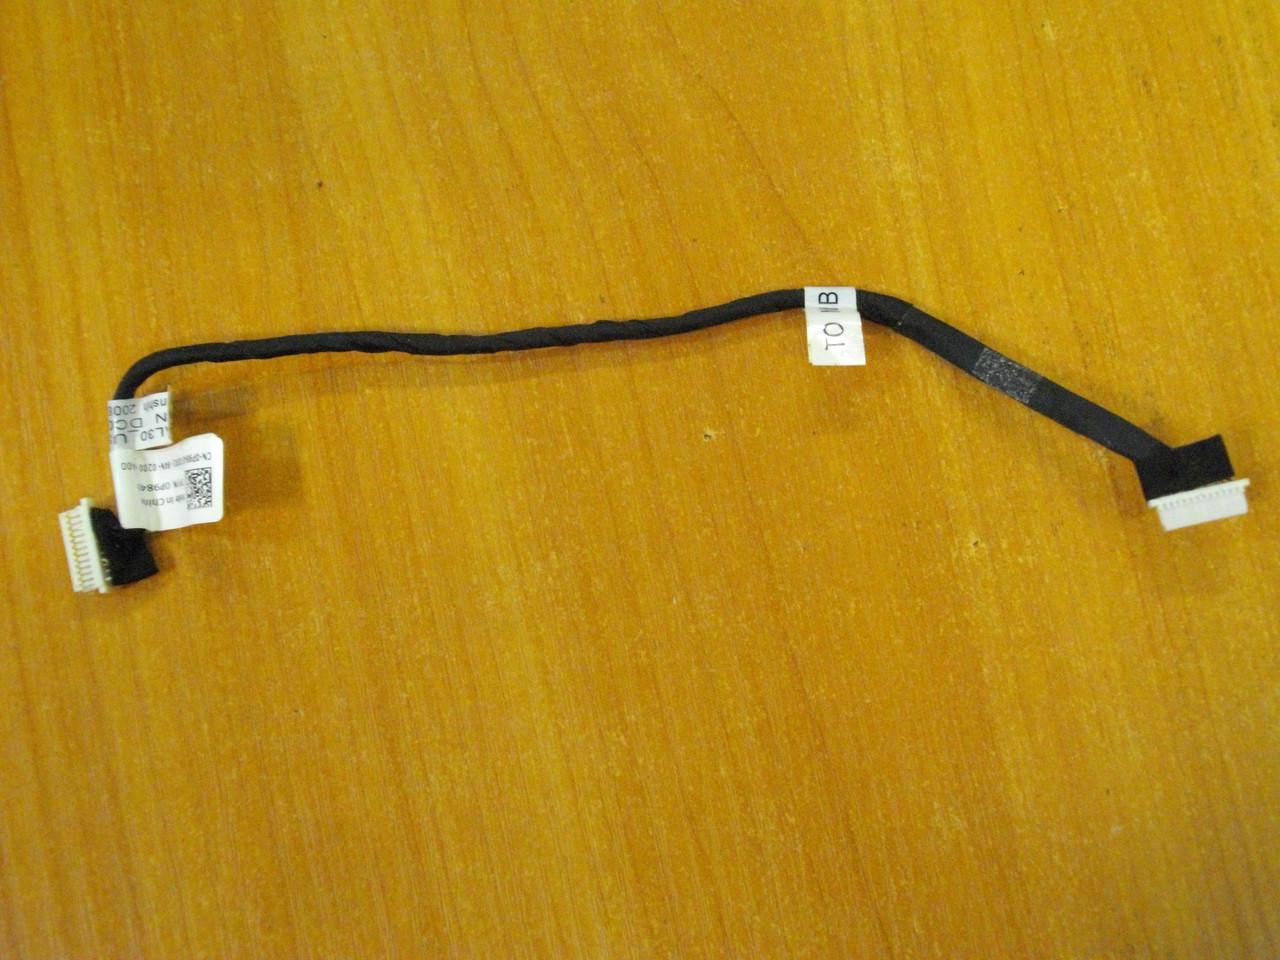 Шлейф DC02000HO00 соединительный подключения USB портов DELL Vostro 1510 PP36L бу